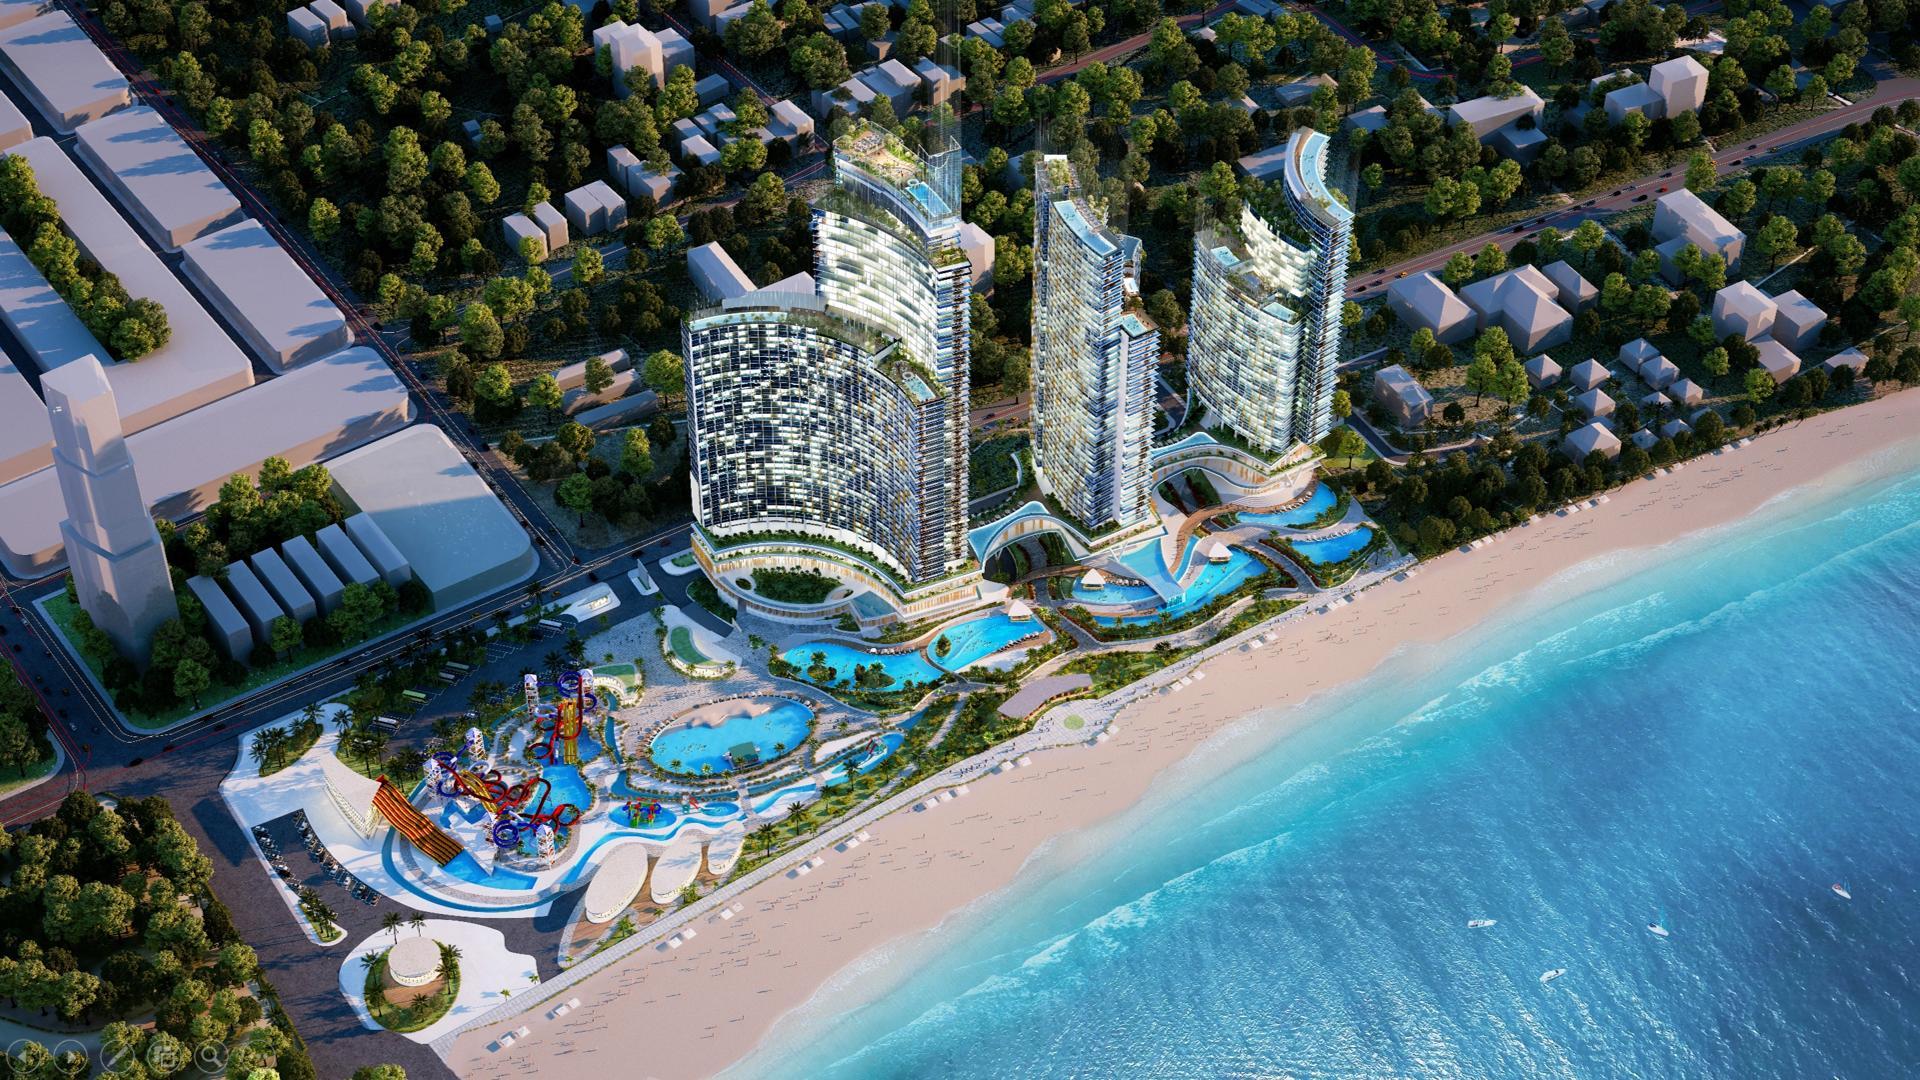 Phối cảnh dự án Sunbay Park Phan Rang Ninh Thuận của tập đoàn Crystal Bay